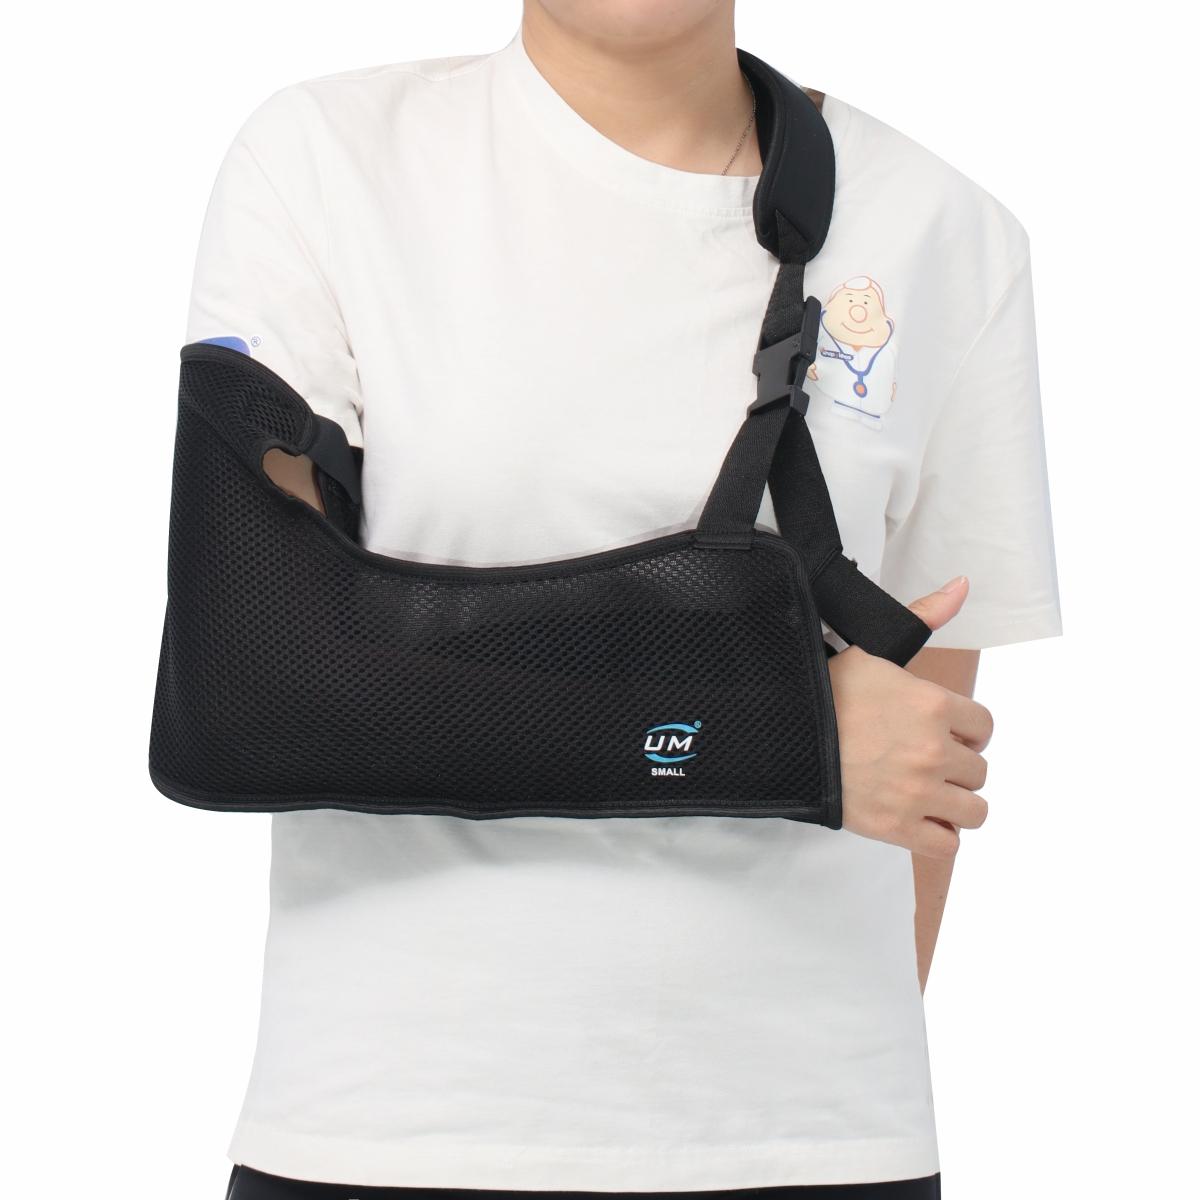 Đai treo tay dạng túi lưới đen United Medicare (C09)